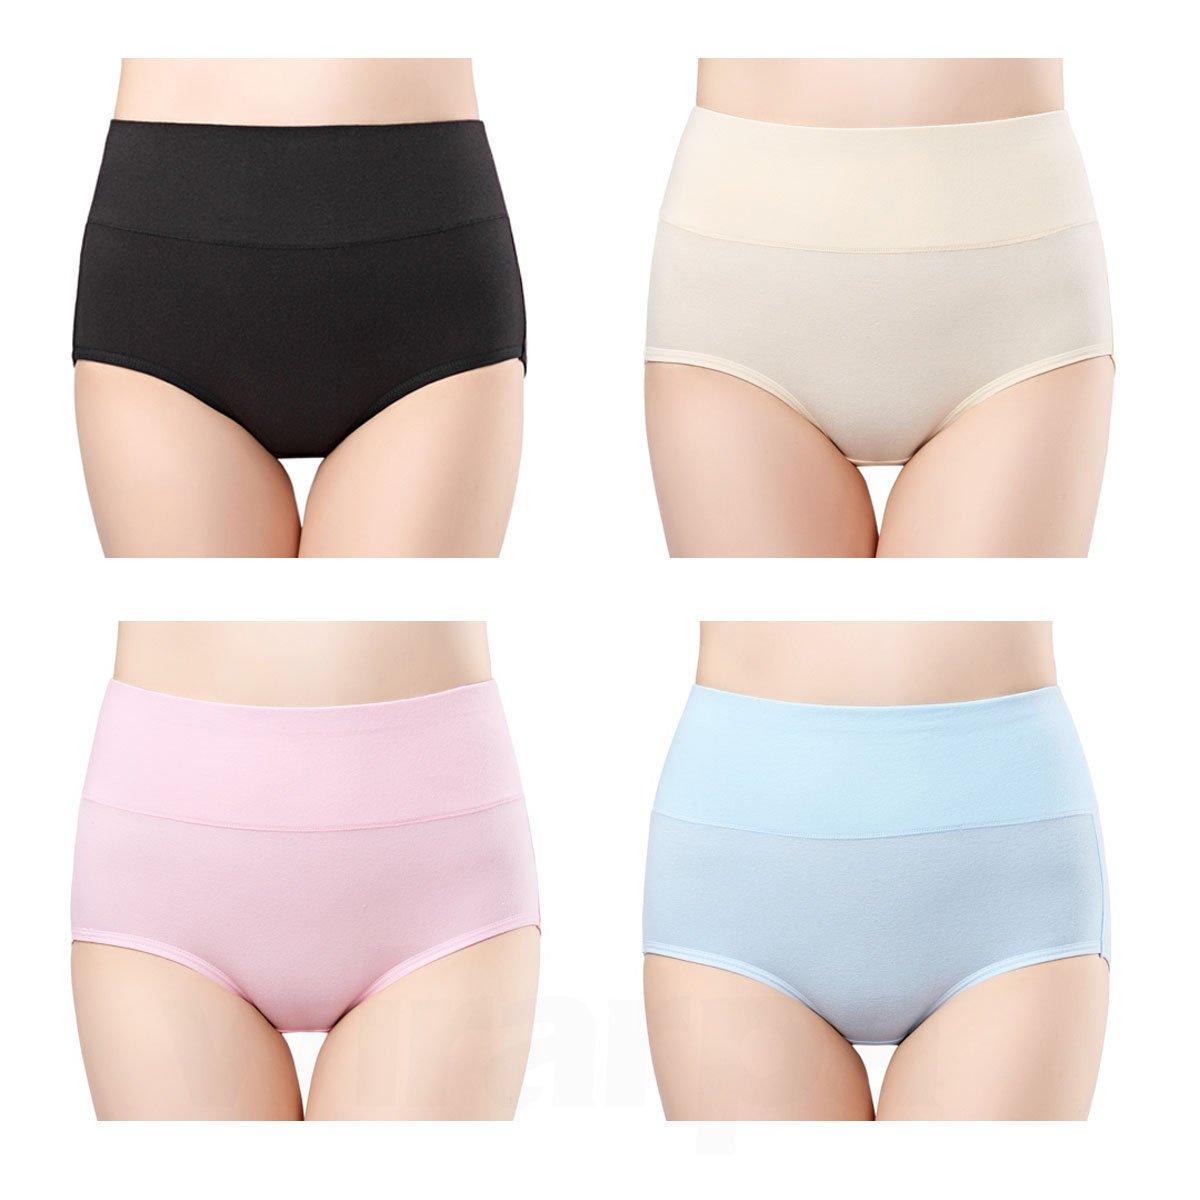 Wirarpa Womens 4-Pack Cotton Underwear Briefs High Waisted Panties Tummy Support W-High Waist Briefs-04